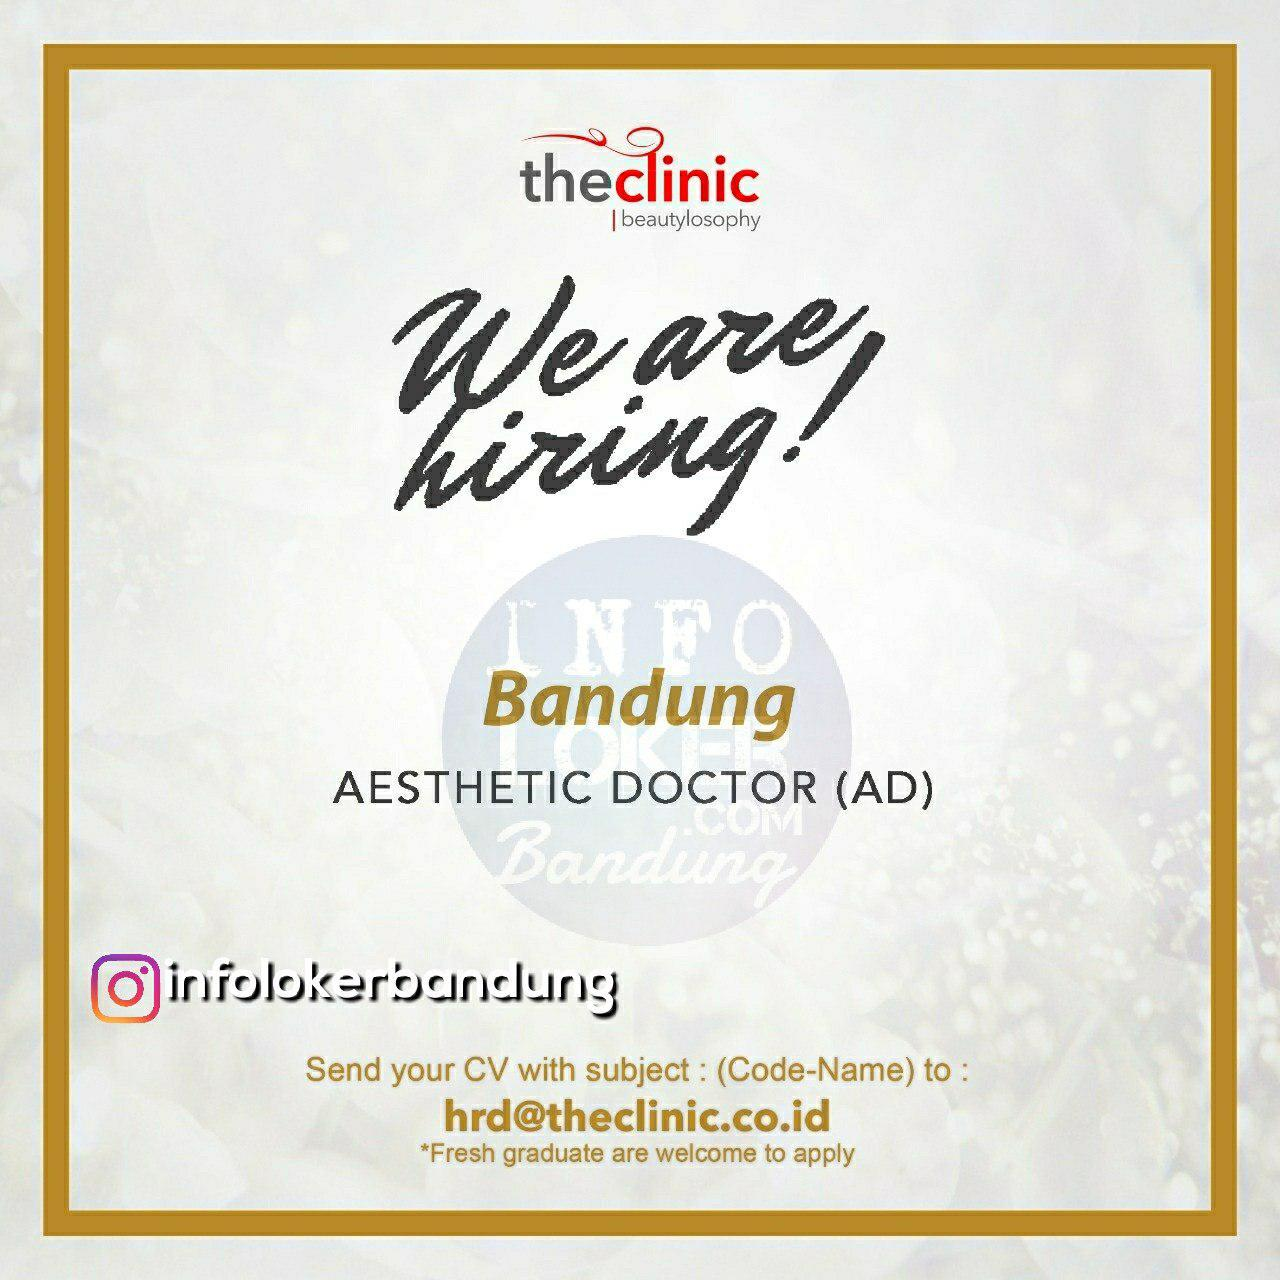 Lowongan Kerja The Clinic Beautyloosphy May 2018